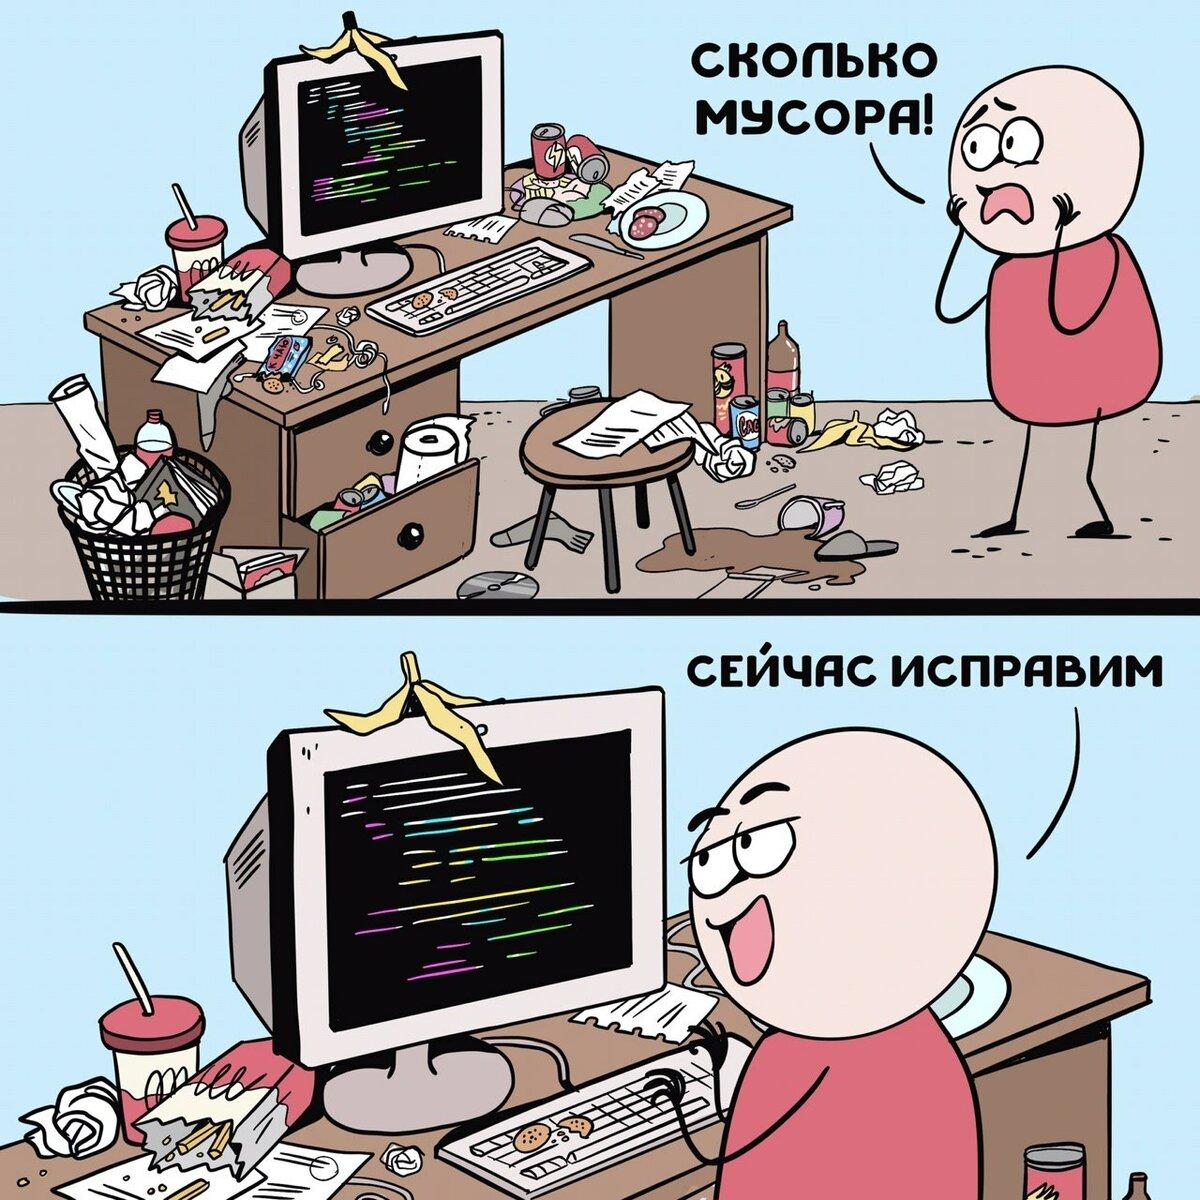 Смешные картинки компьютерщиков